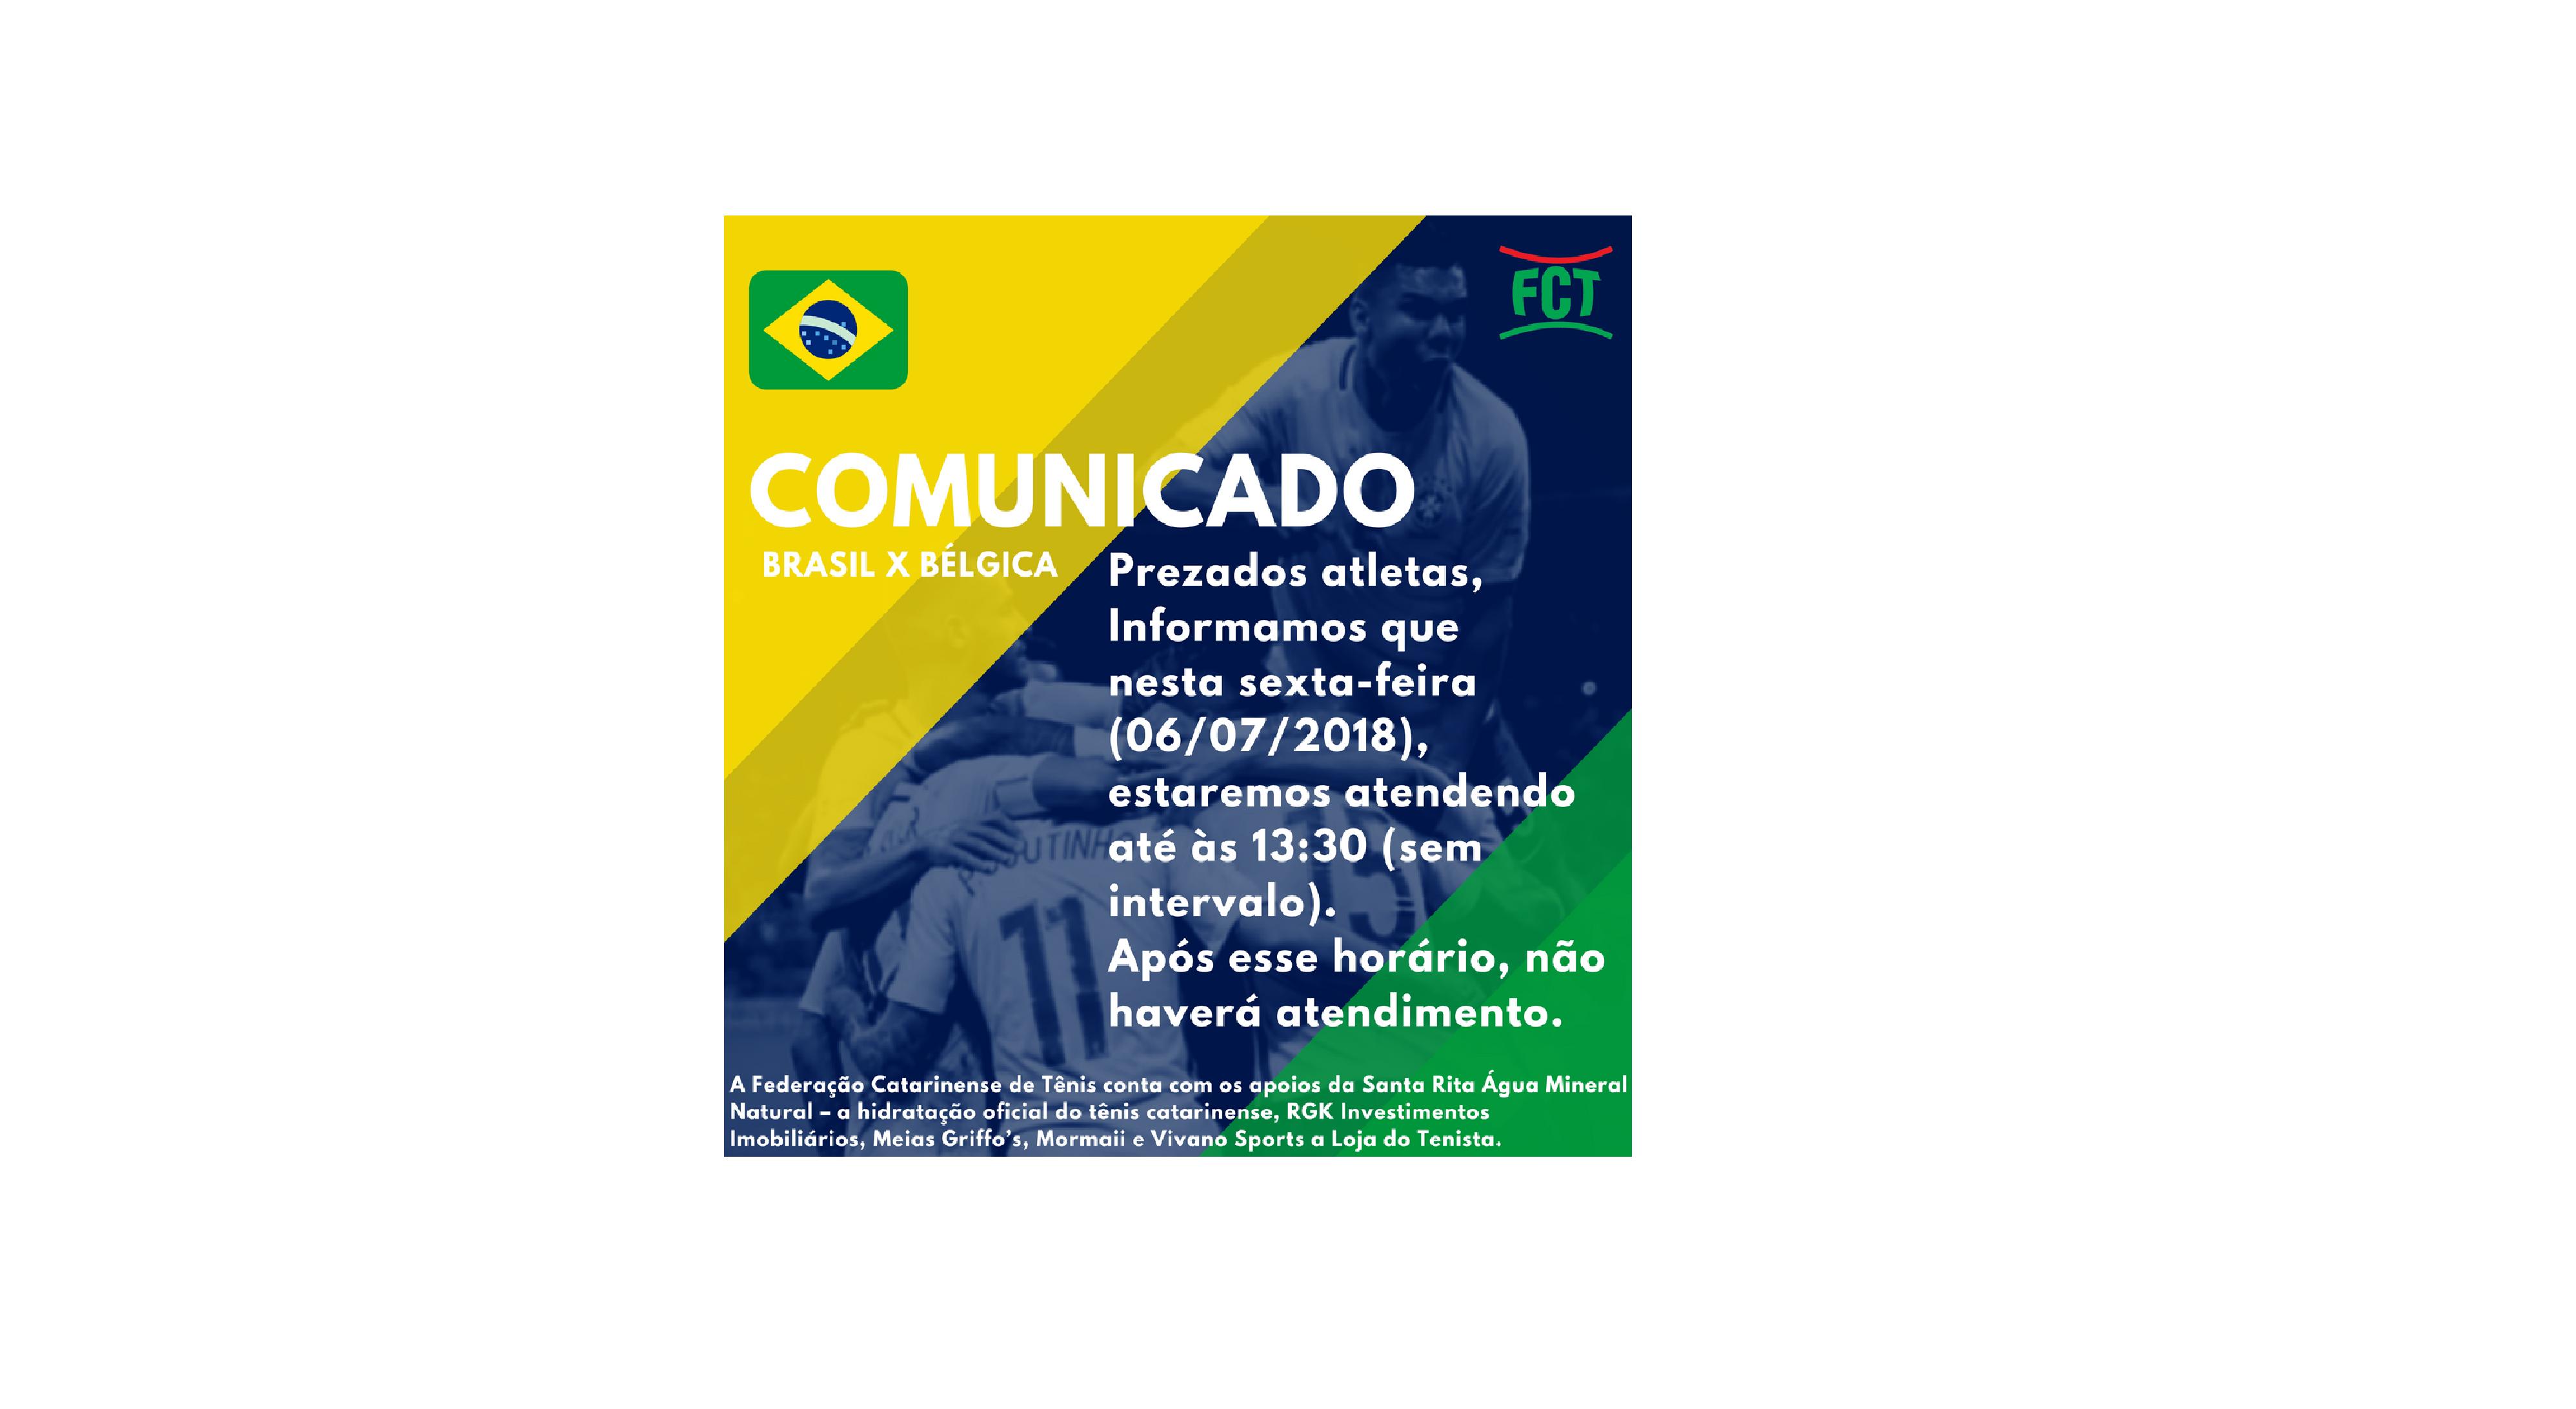 COMUNICADO - EXPEDIENTE - JOGO DO BRASIL, SEXTA-FEIRA 06/07/2018